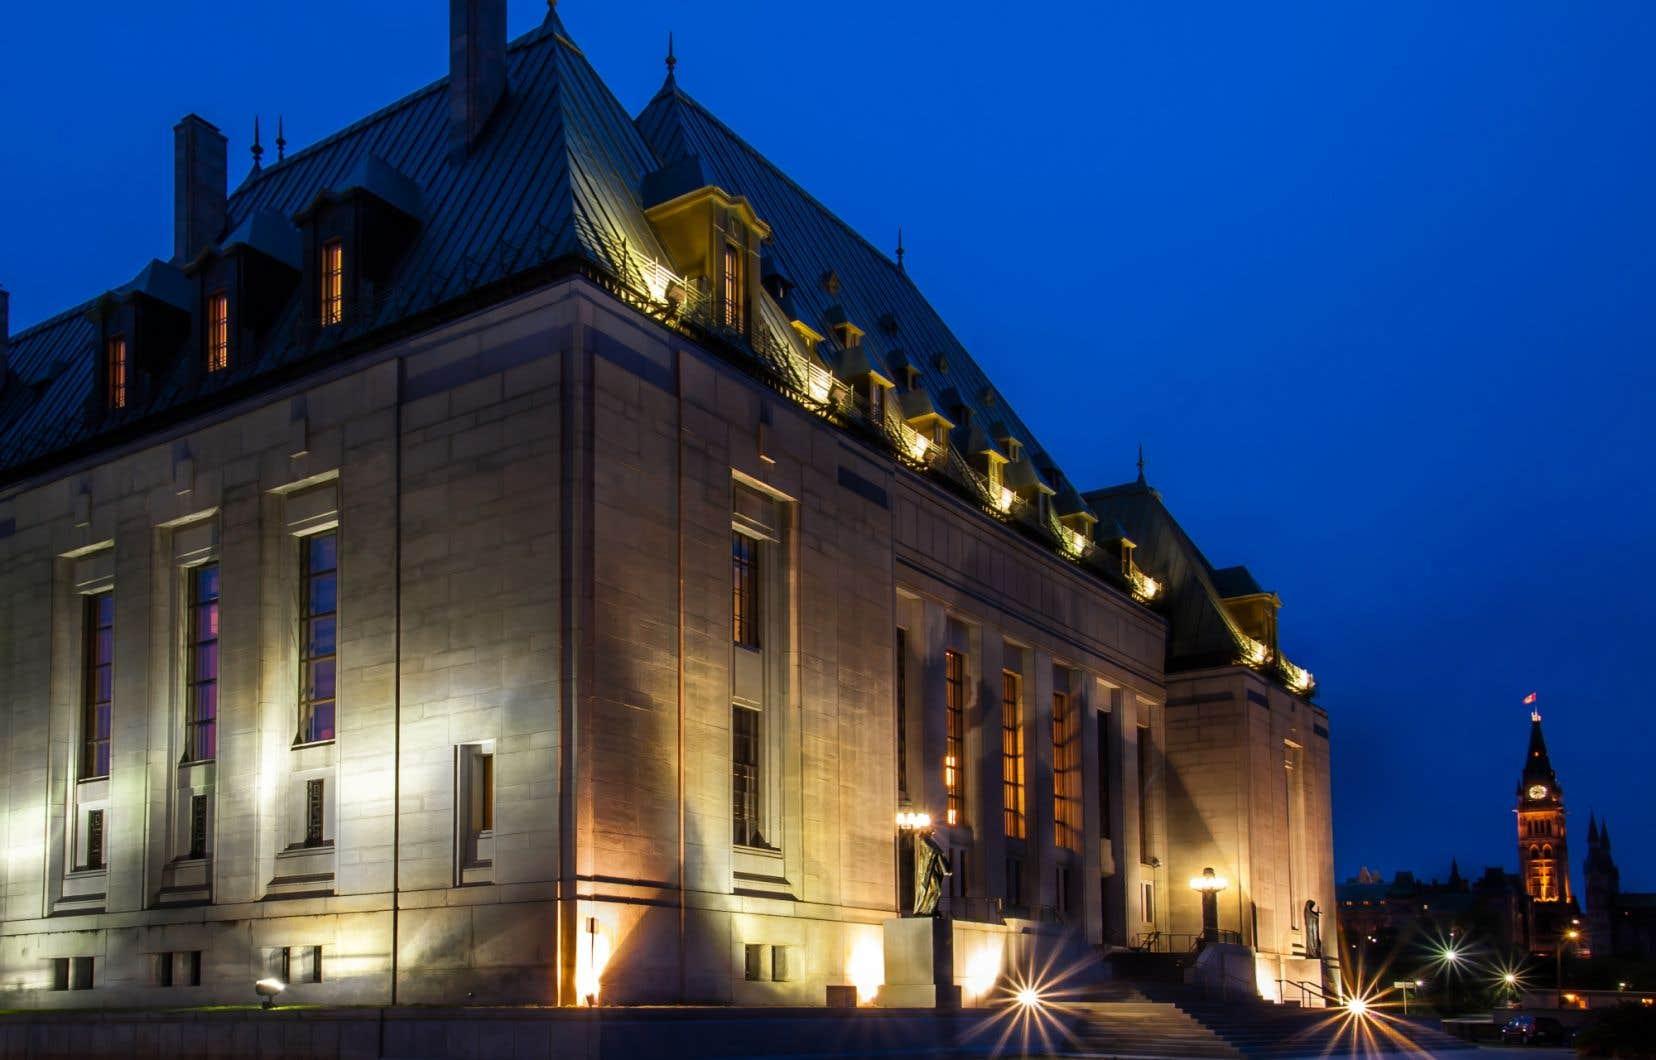 L'automne dernier, Ottawa avait surpris toute la communauté juridique en nommant à la Cour suprême Marc Nadon, un juge de la Cour d'appel fédérale.